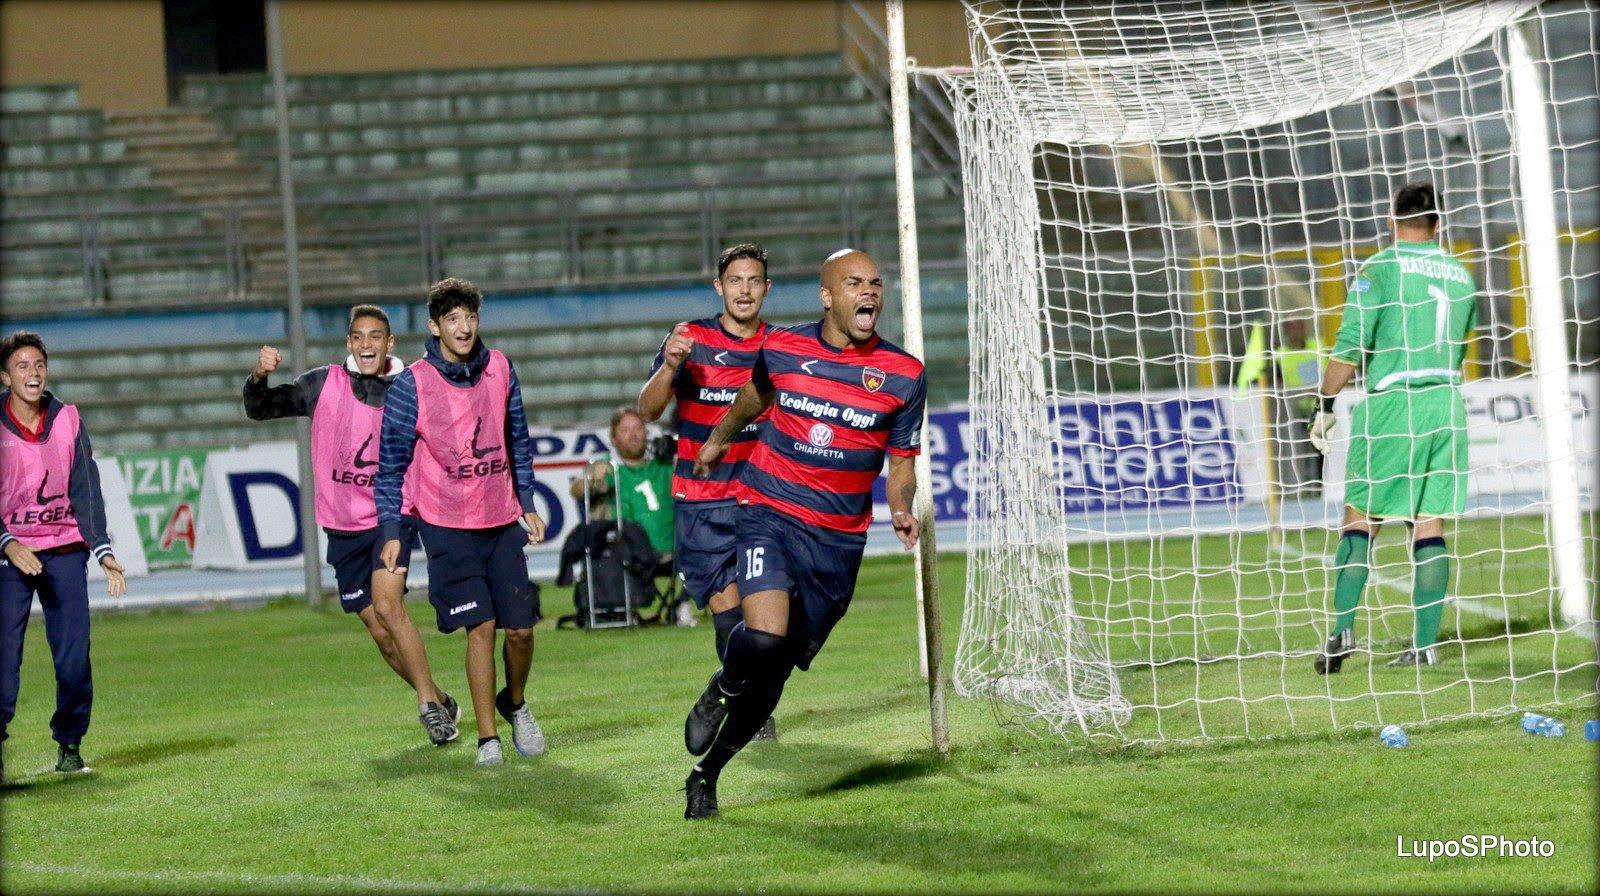 Torromino show, Mazzeo ancora in gol. Classifica marcatori dopo la 9° giornata